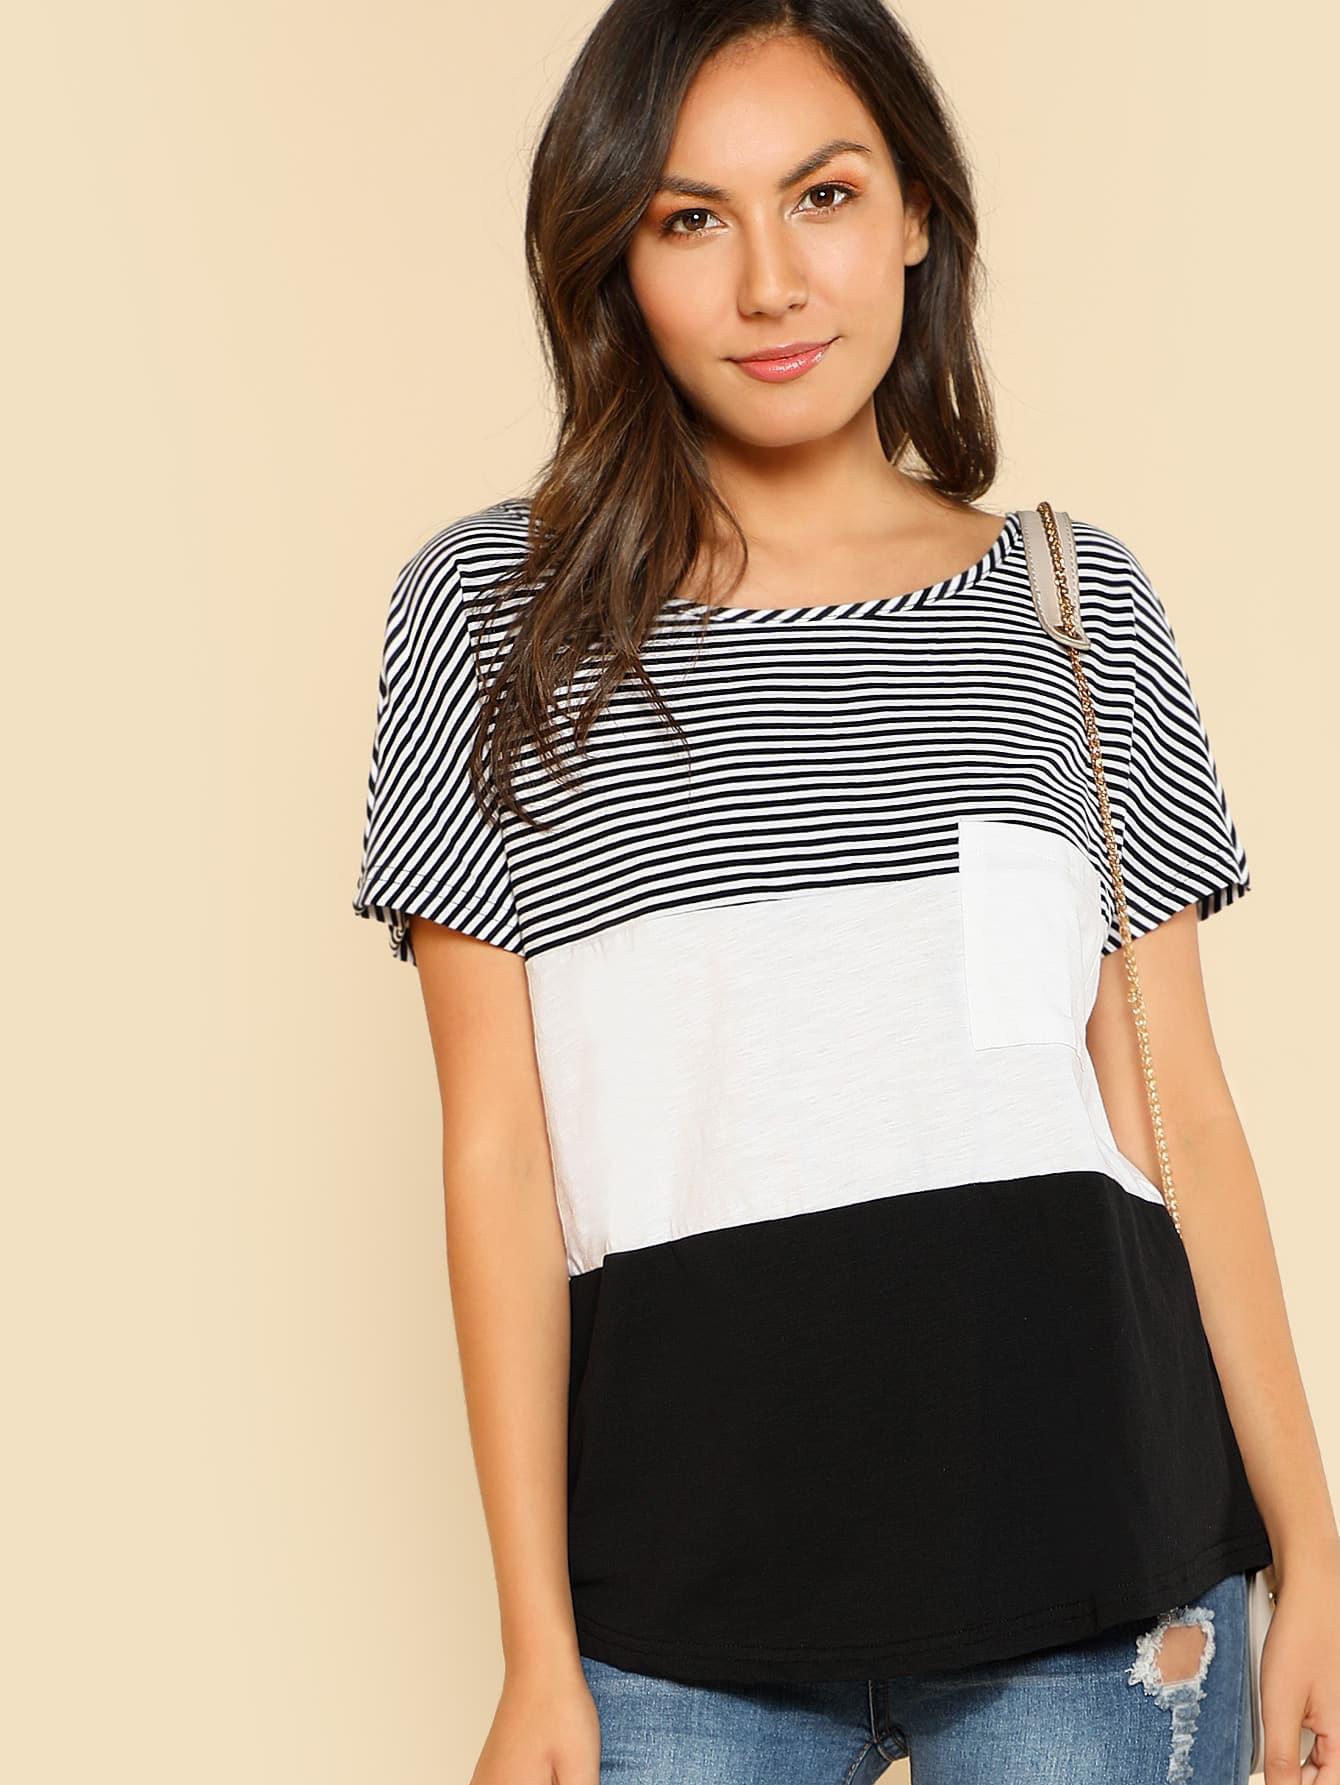 Купить Контрастная модная футболка с карманом, Kendall Marie, SheIn